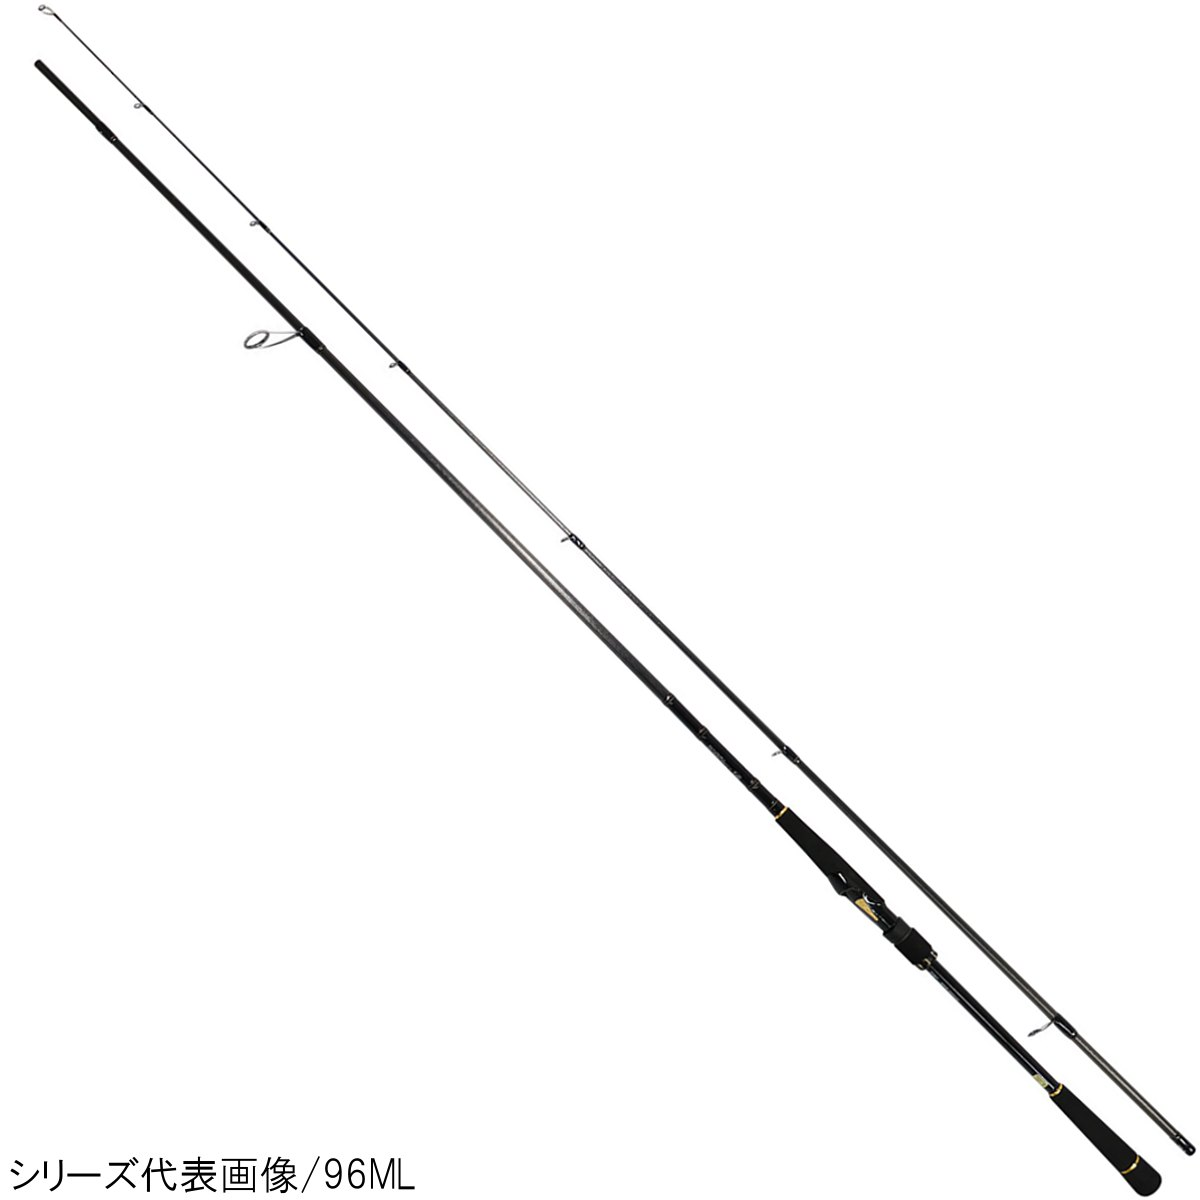 ダイワ ラテオ R 93ML【大型商品】